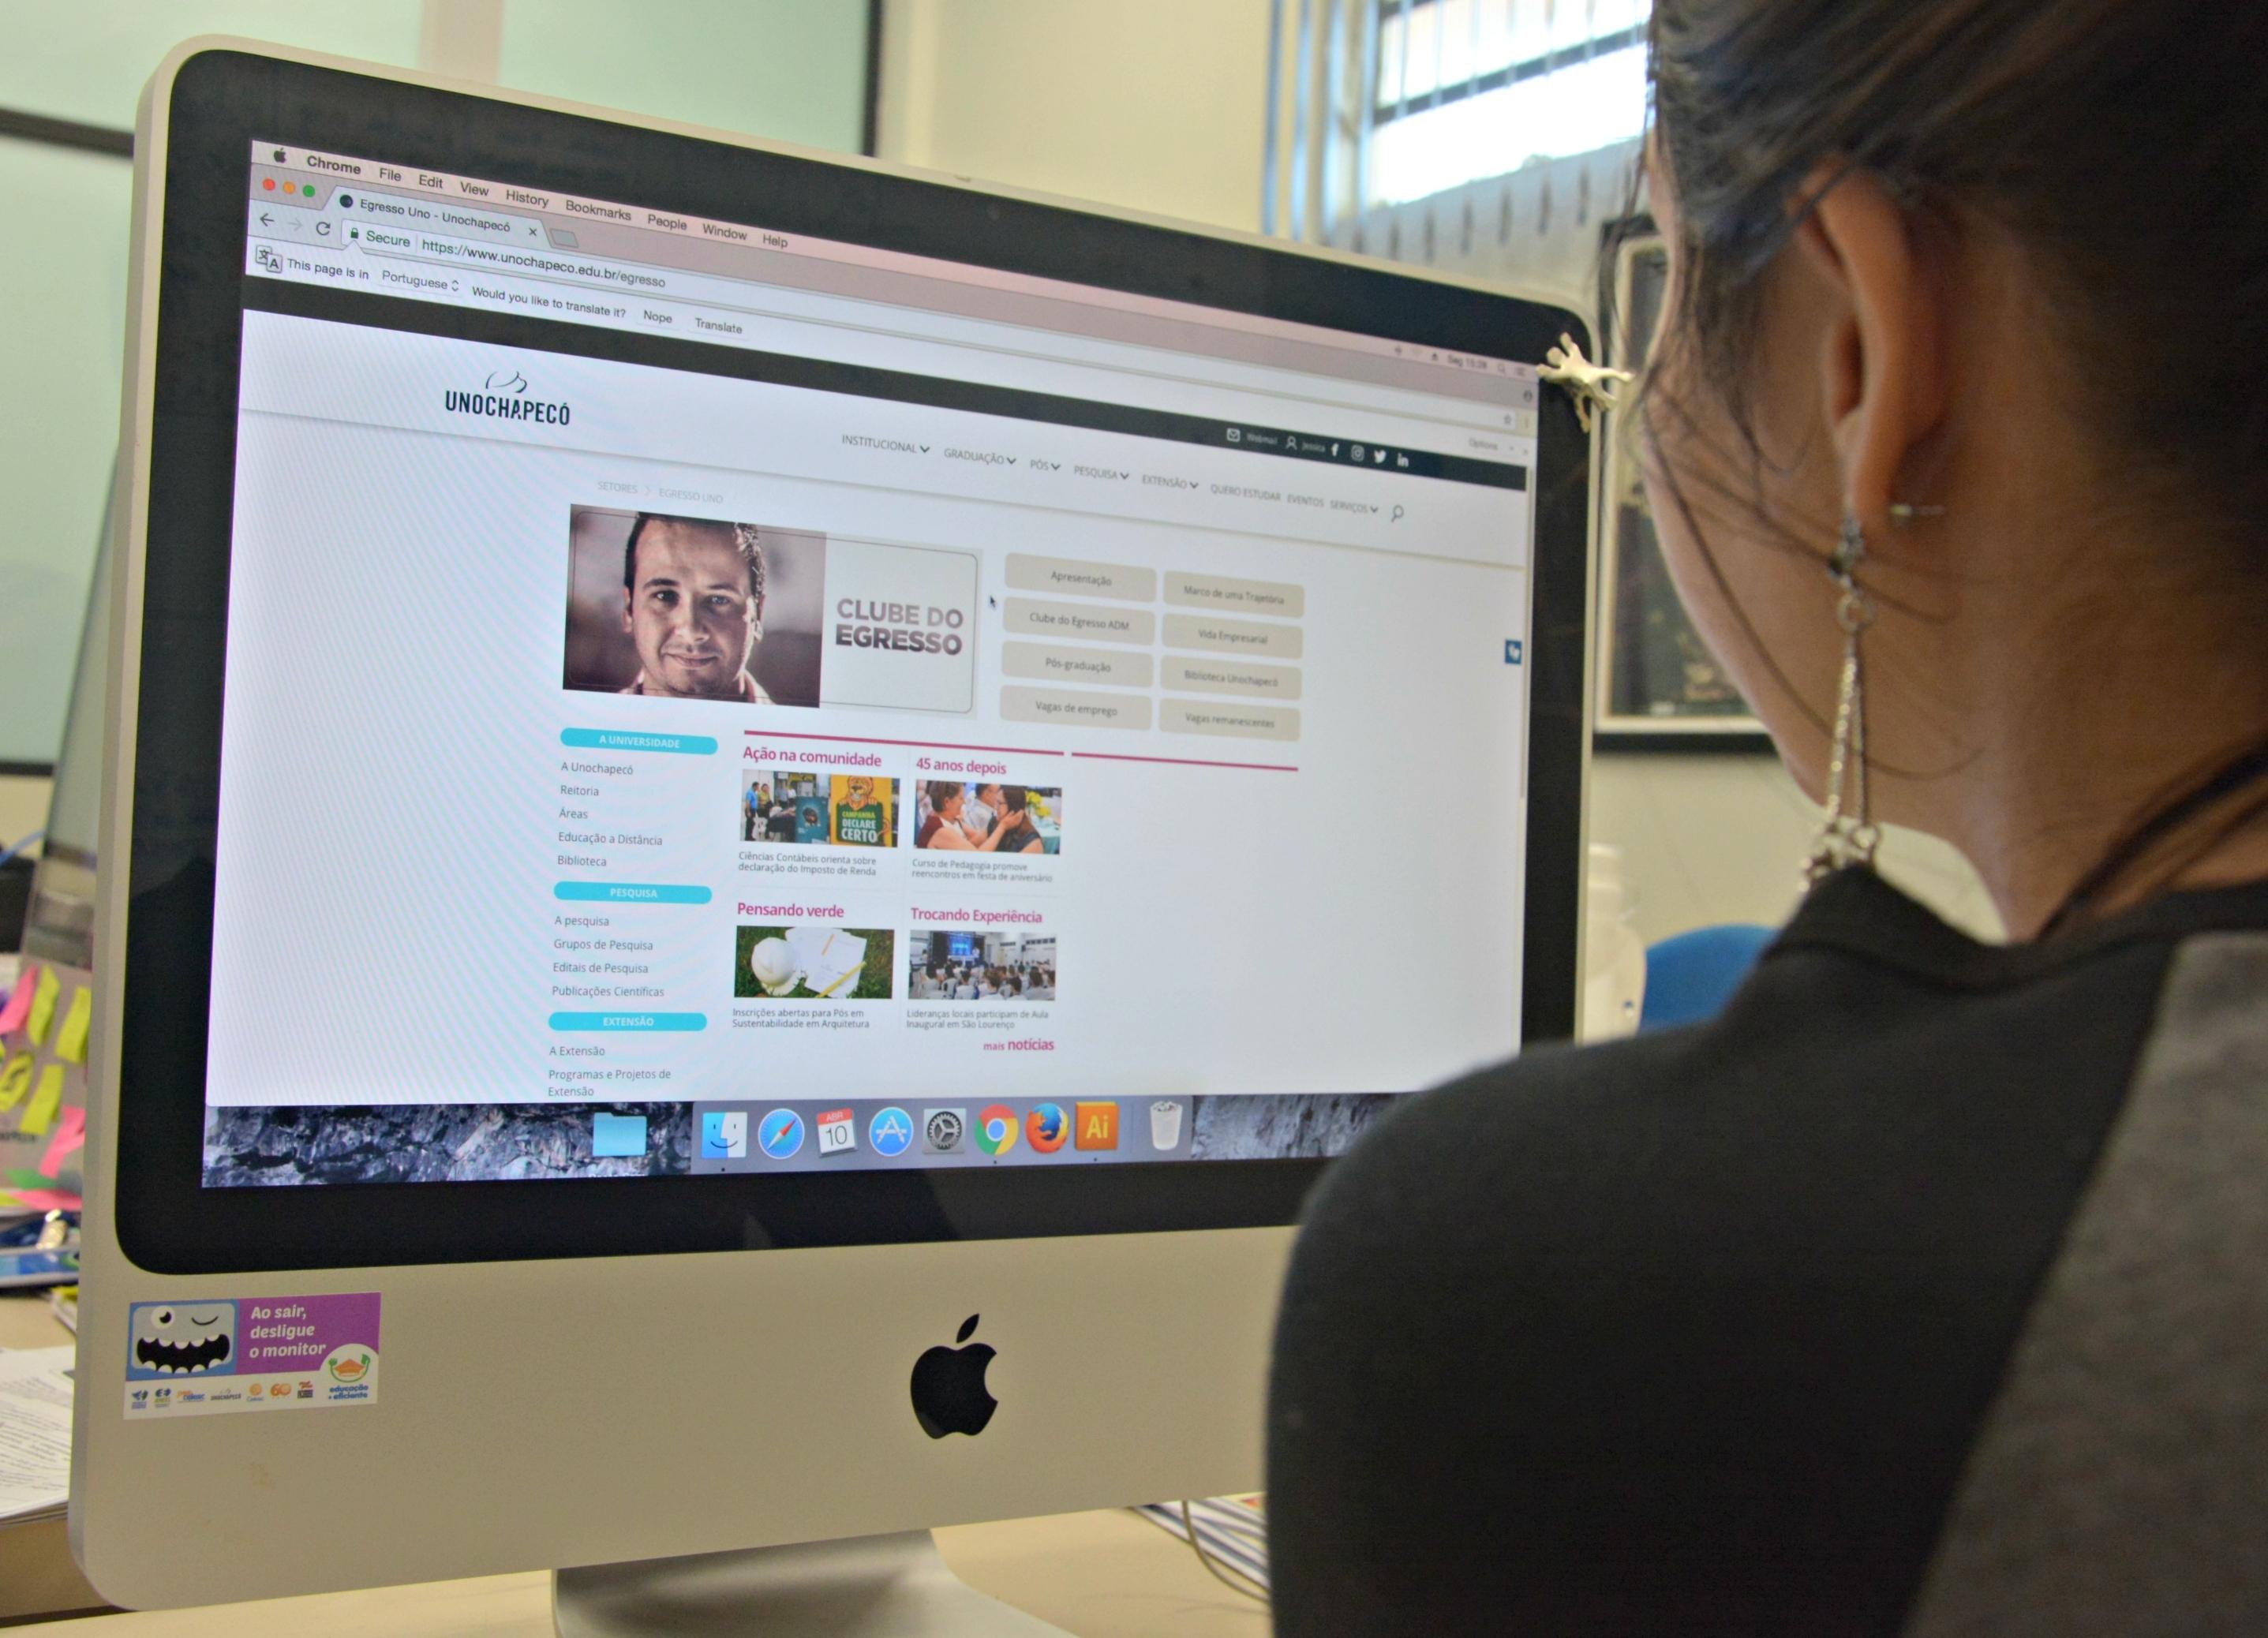 Curso de Administração lança projeto que aproxima ex-alunos da Uno